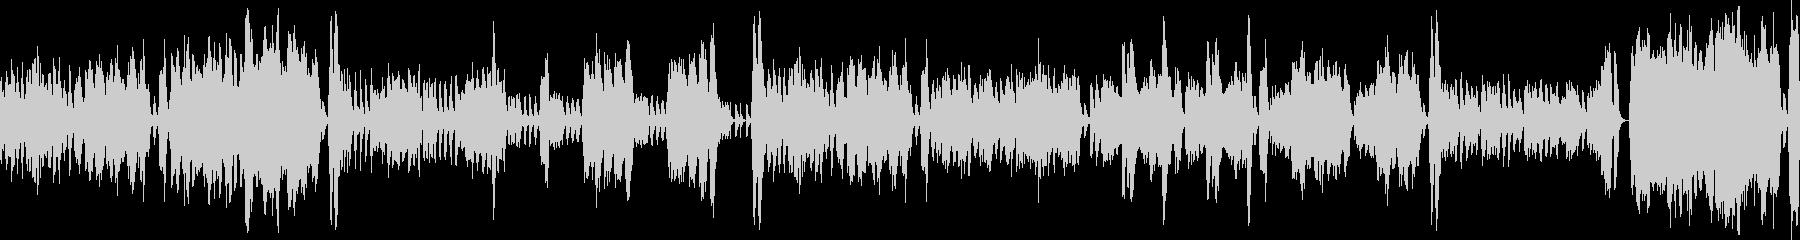 オーケストラ・コミカルな場面・ループ仕様の未再生の波形